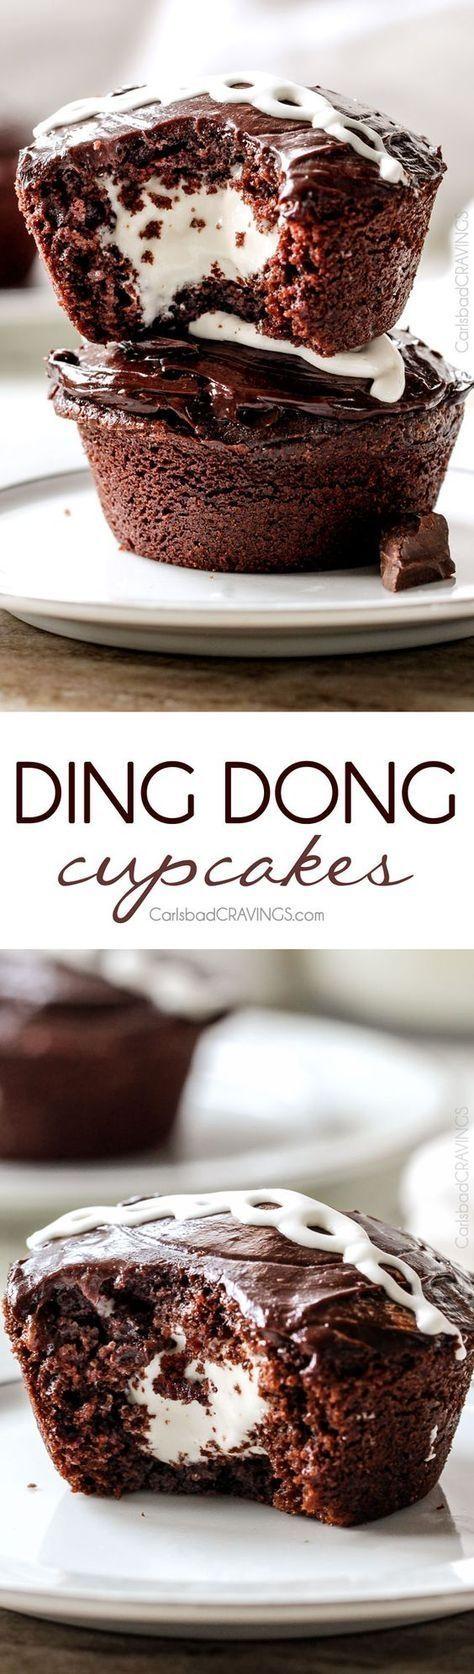 Динг Донг кексы [Подражатель]: влажный шоколадный кекс + зефирной начинкой, глазированный с шоколадным ганашем. по Корина